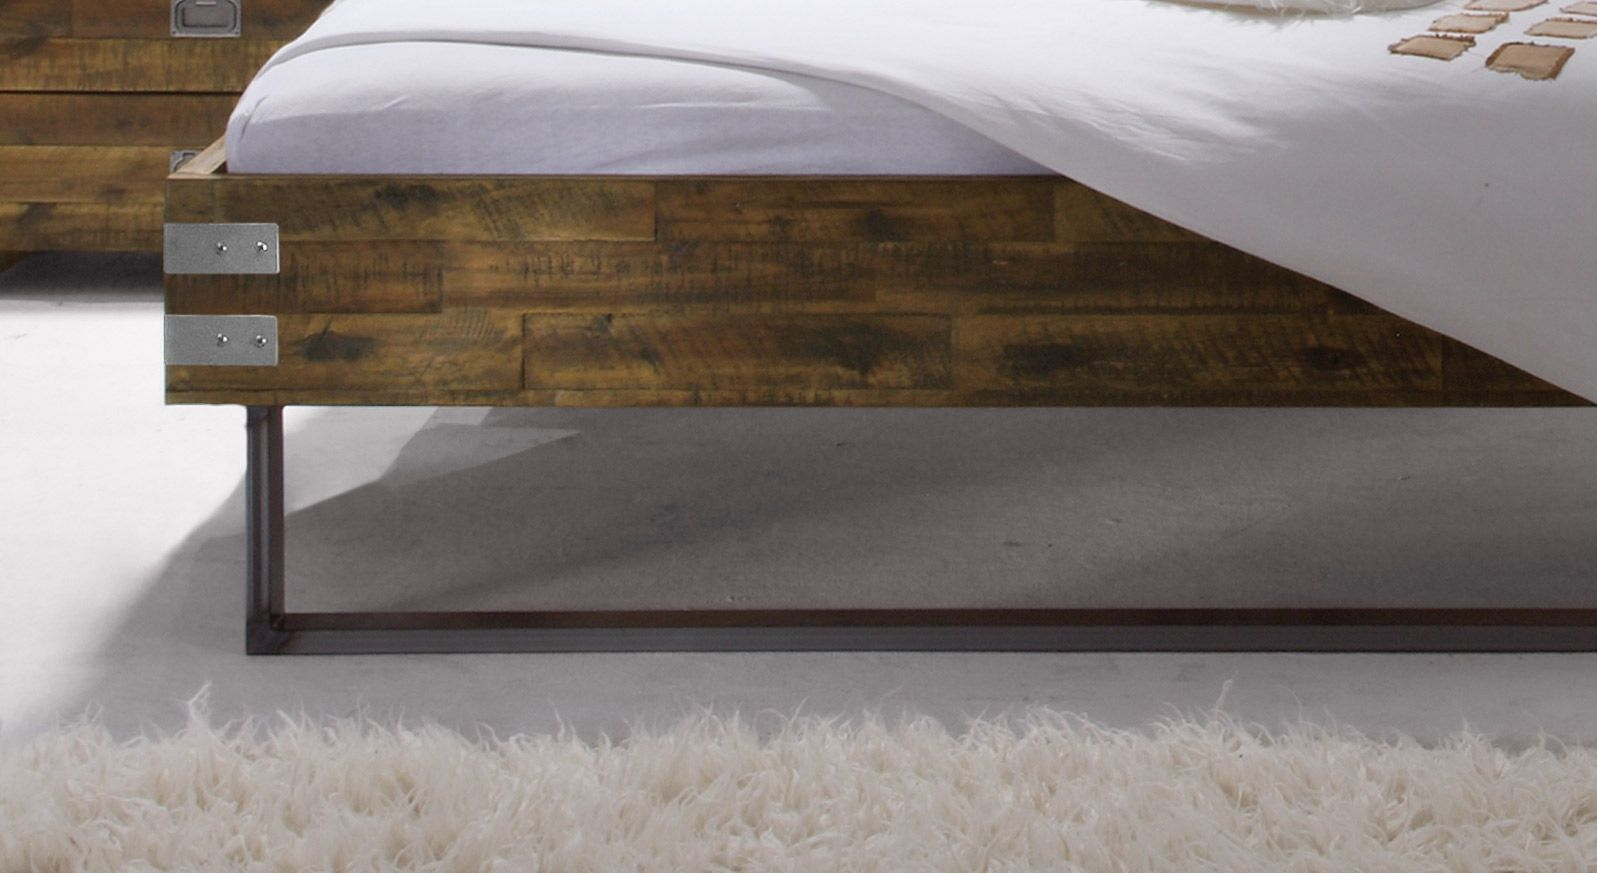 Bett Hamina mit Metallkufen am Fußbereich